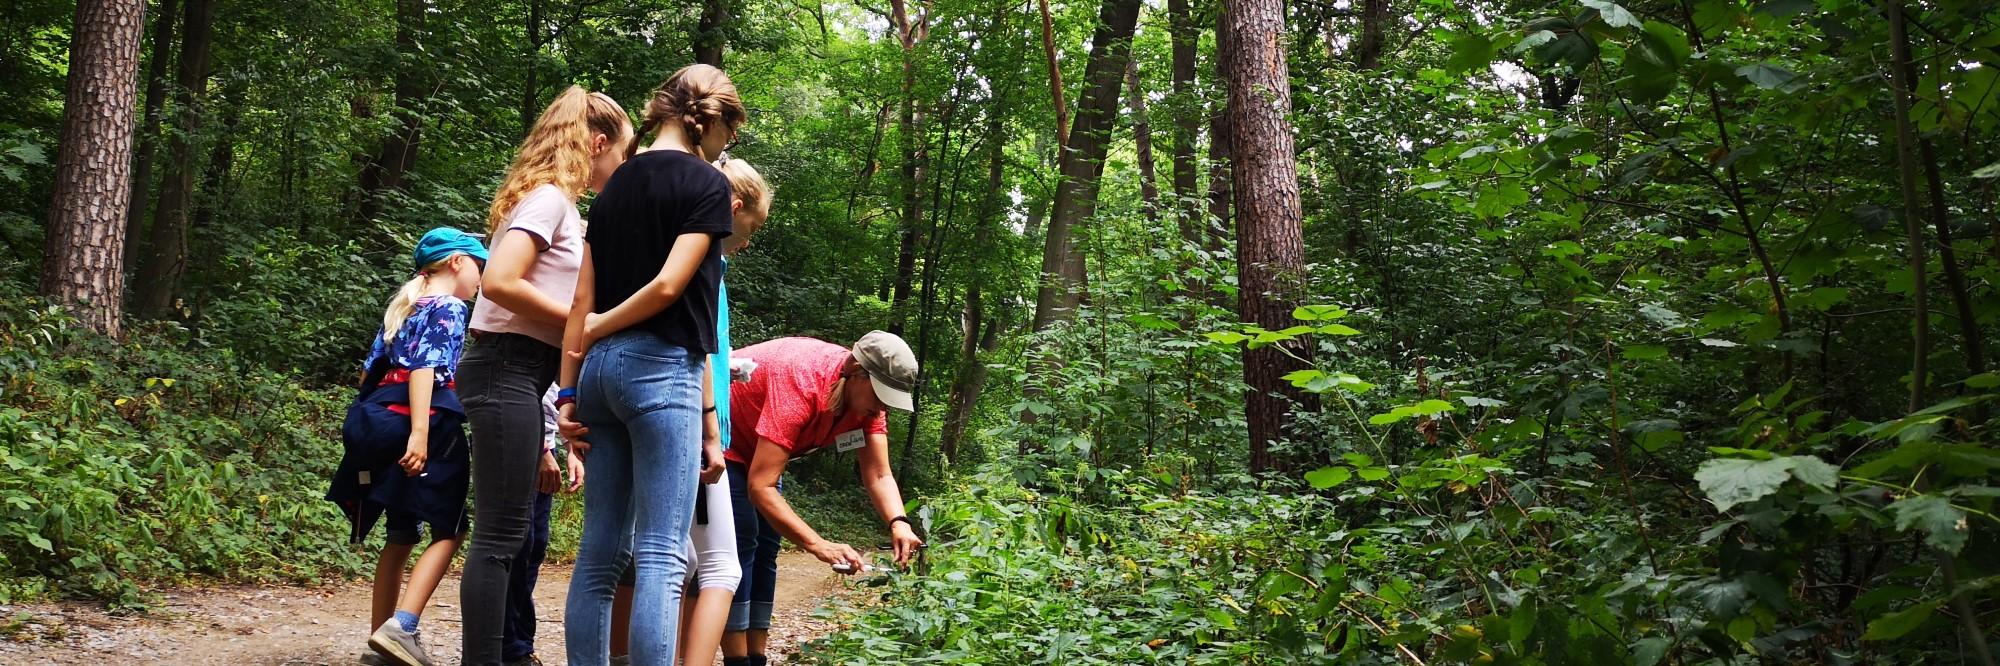 Mädchen sammeln Kräuter im Wald